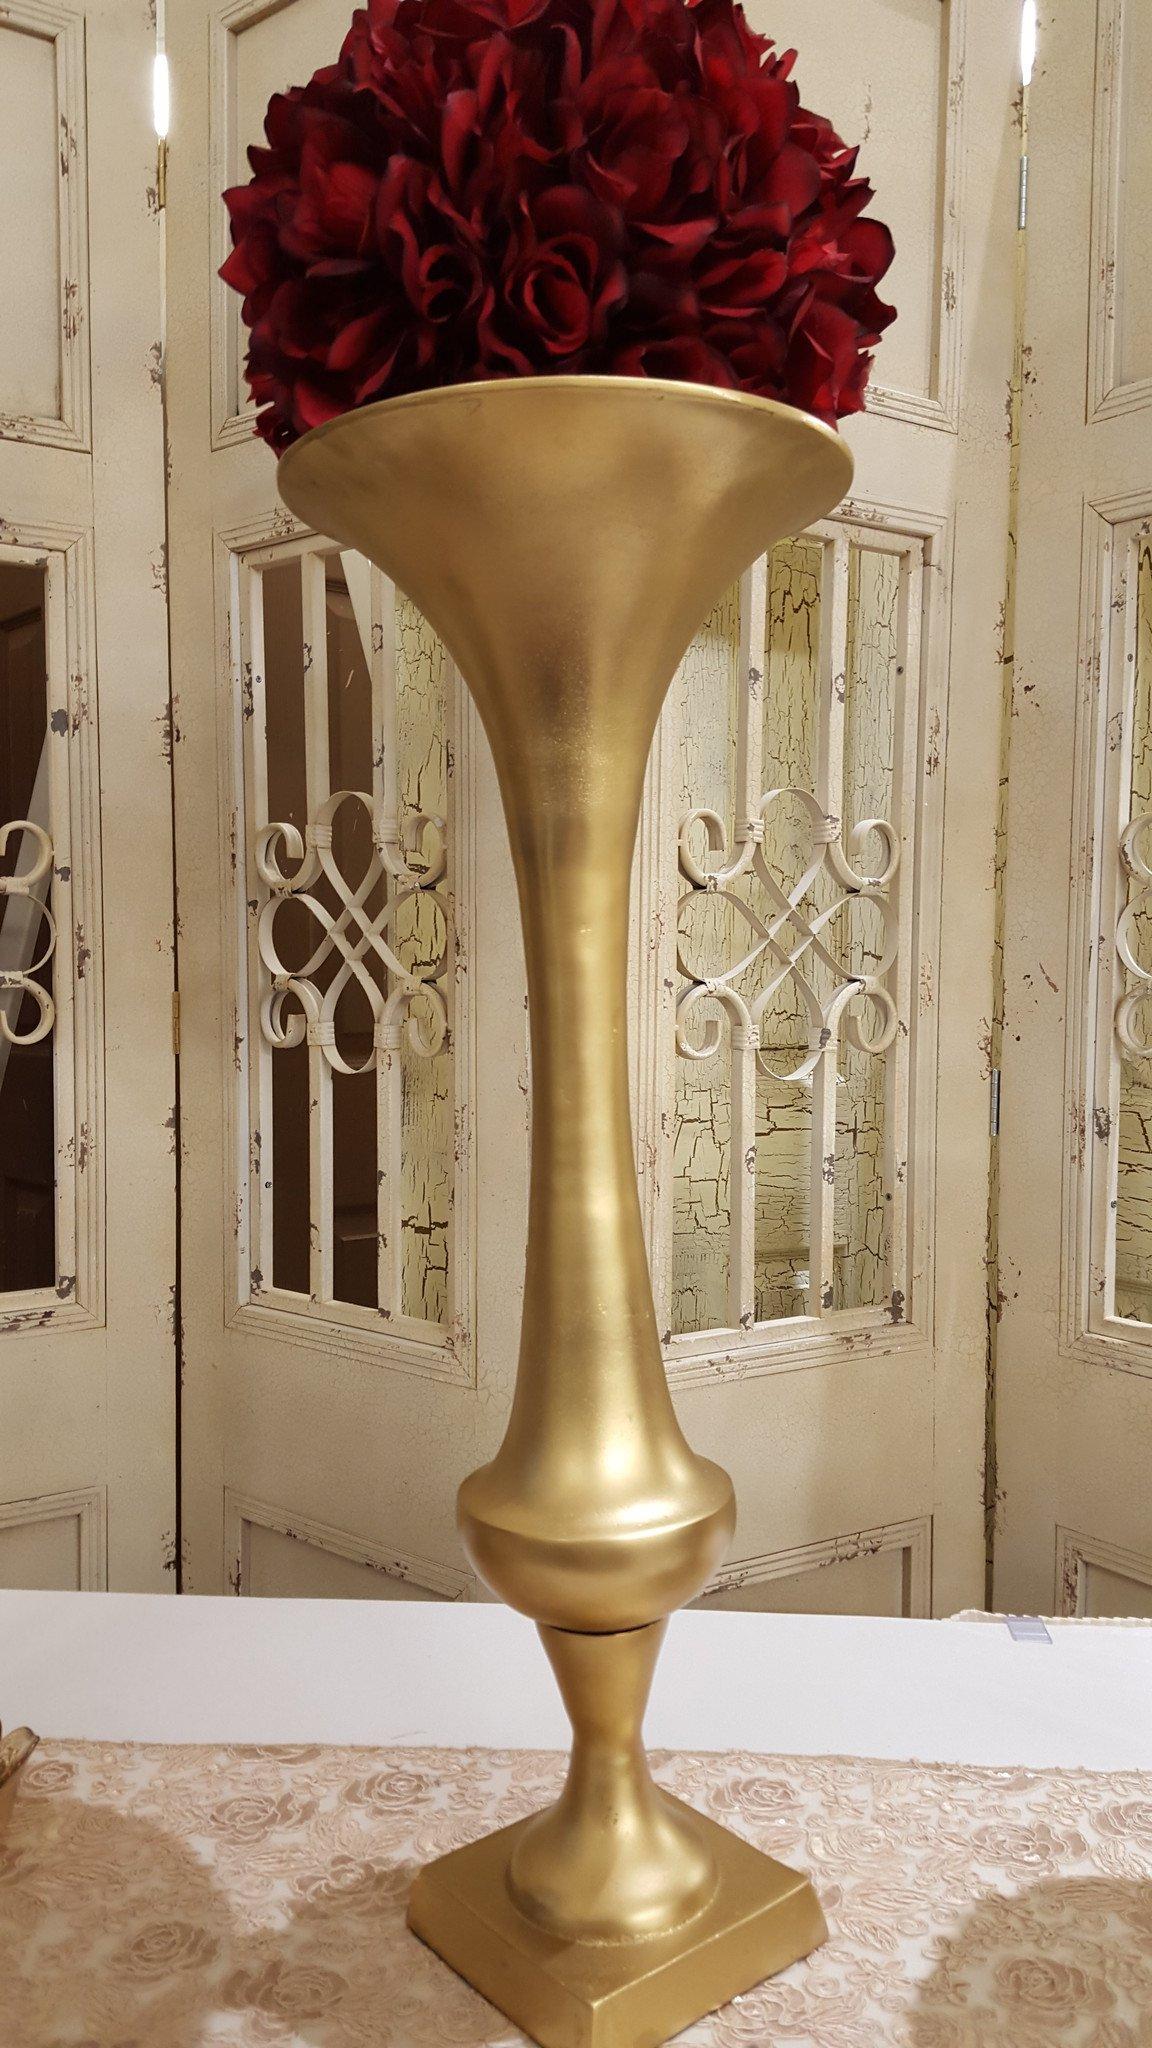 Large Gold Trumpet Vase Image